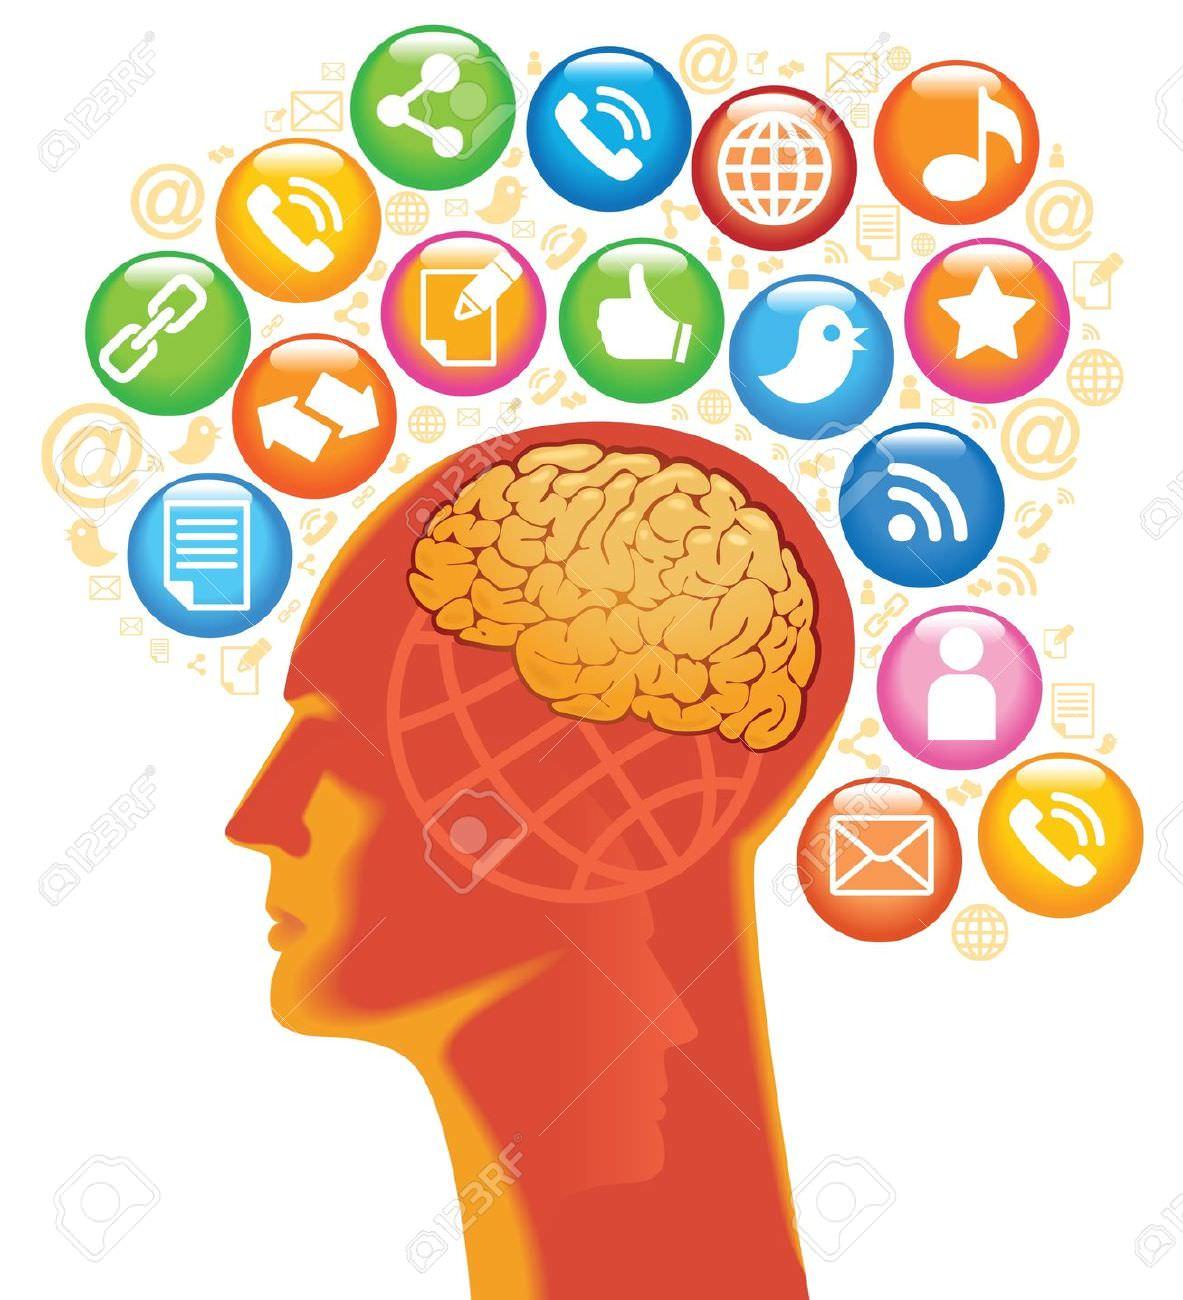 Usiamo i social con intelligenza